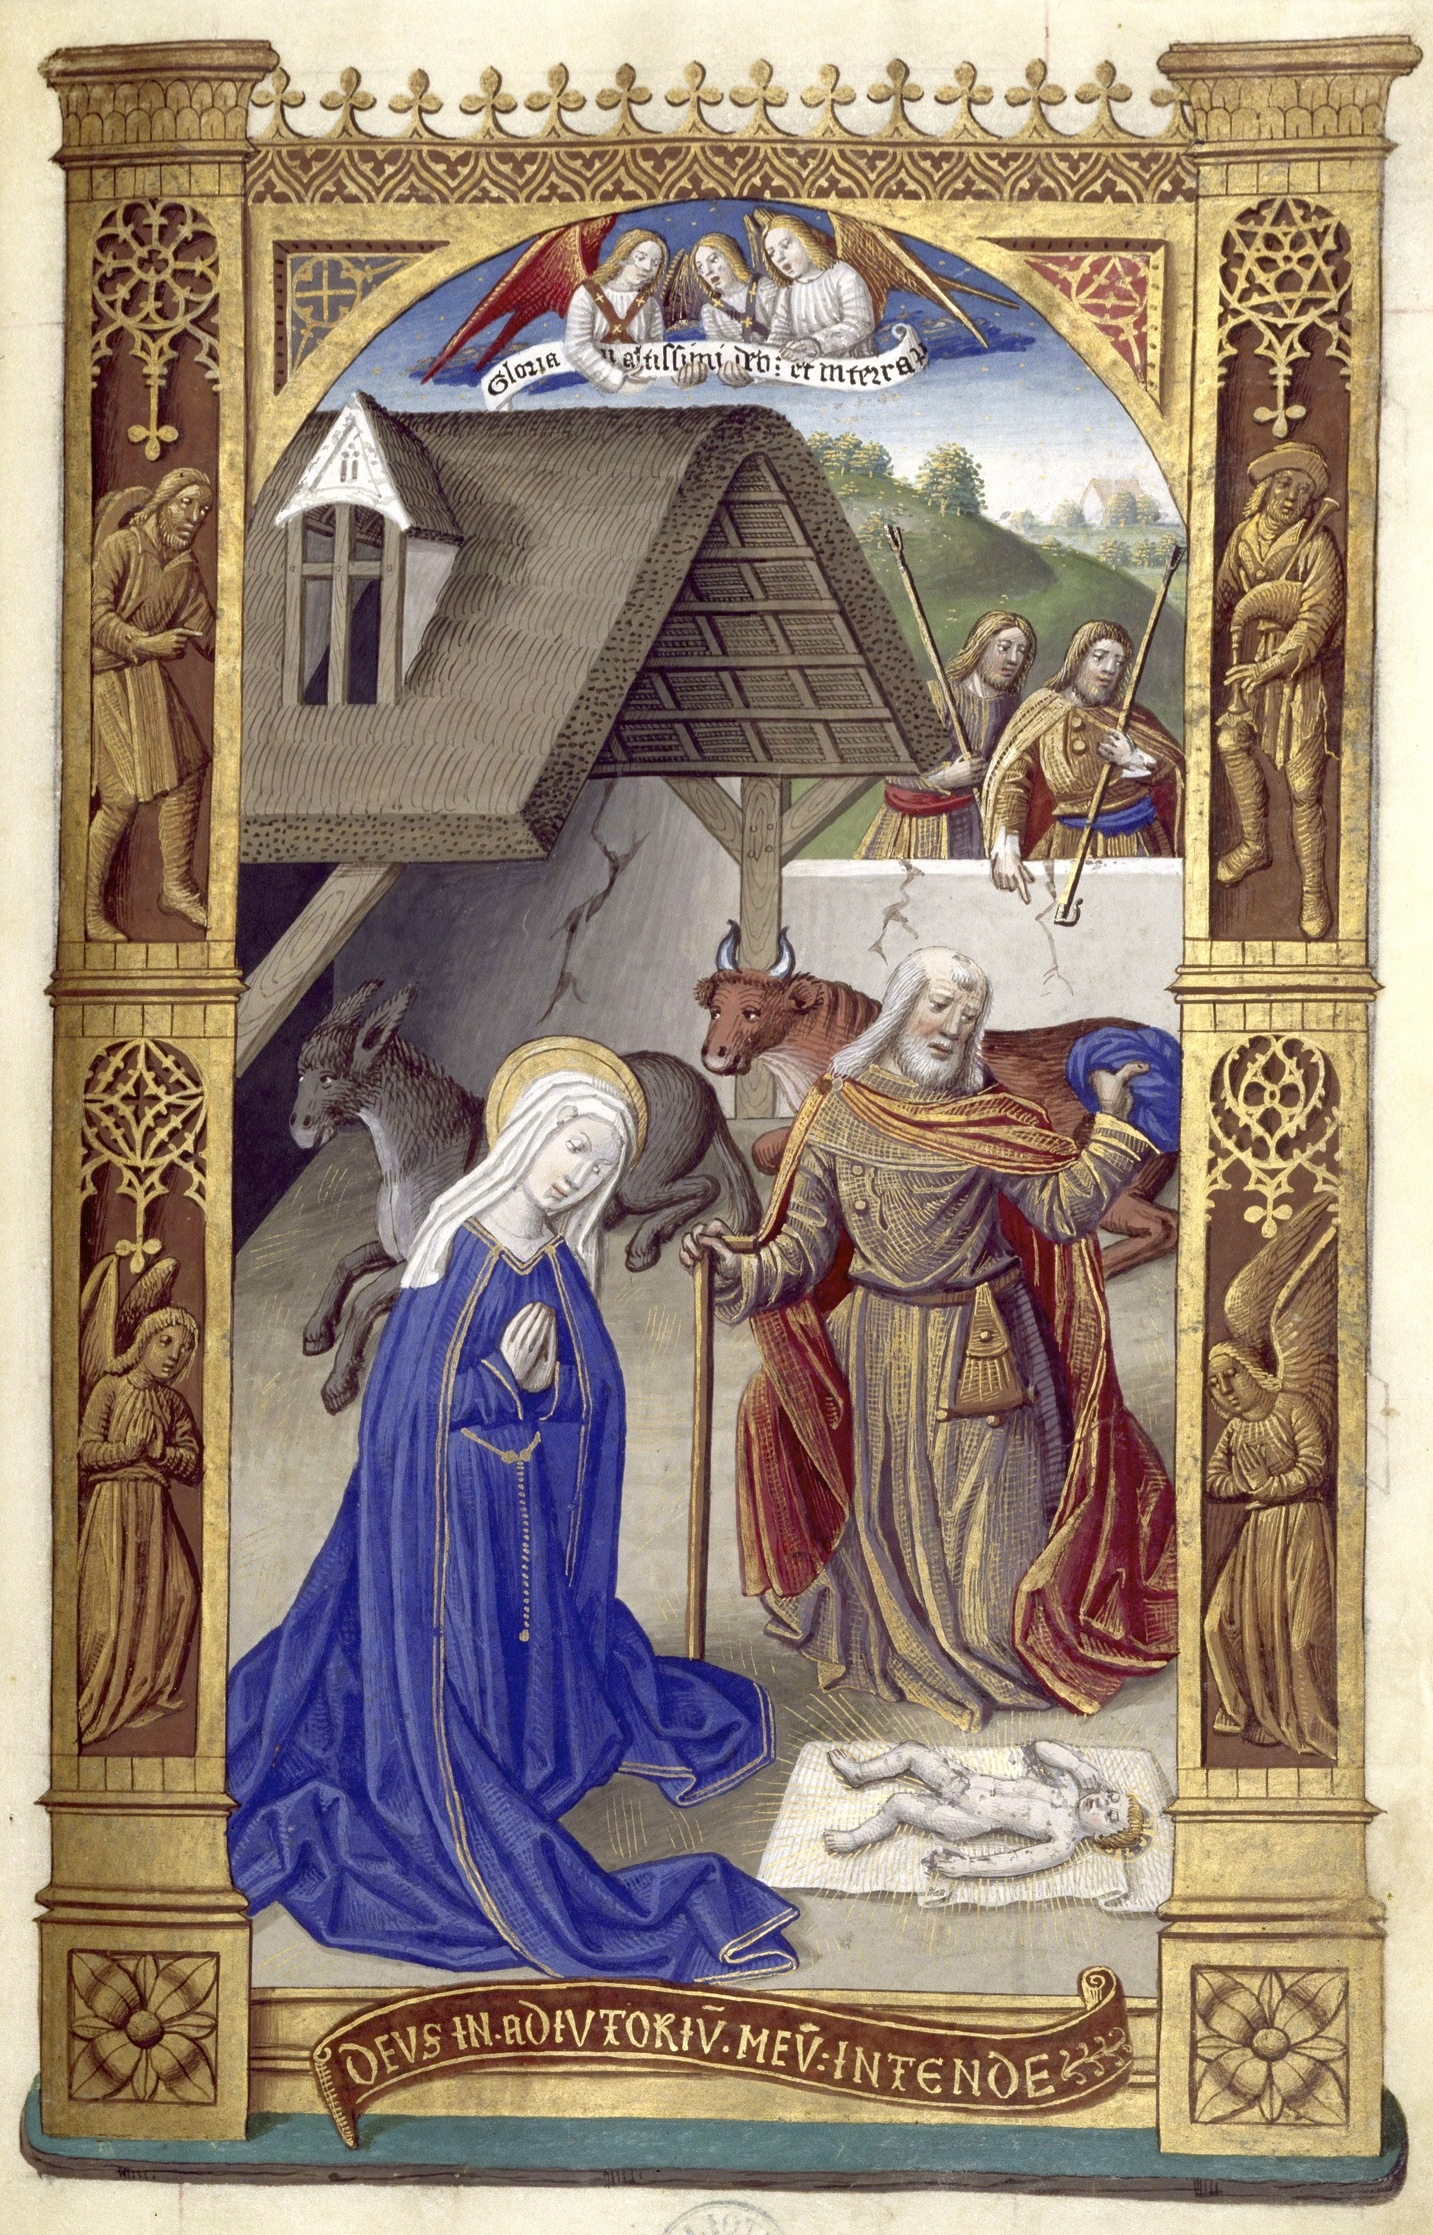 Geburt Christi. Stundenbuch König Karls VIII., spätes 15. Jahrhundert. (Madrid, BNE  VITR/24/1, fol. 36r.)